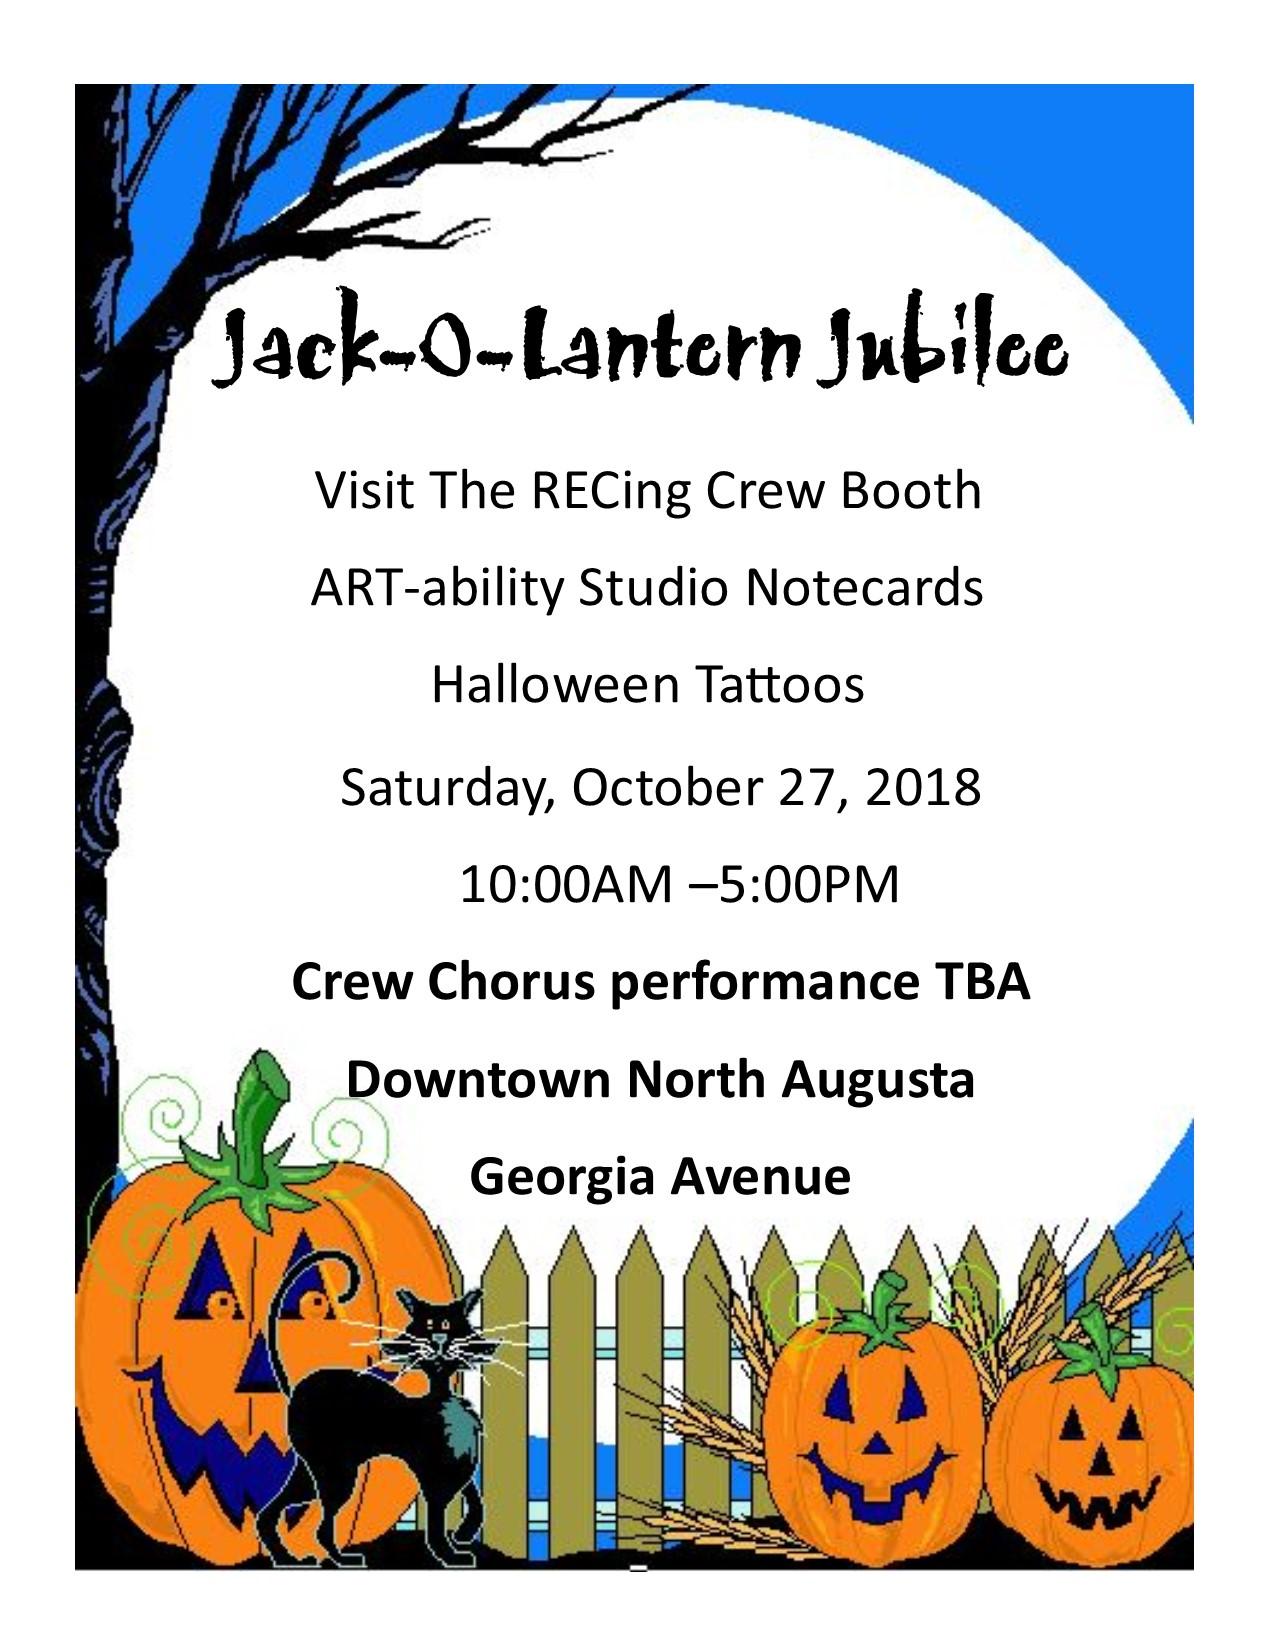 Jack-O-Lantern Jubilee!!